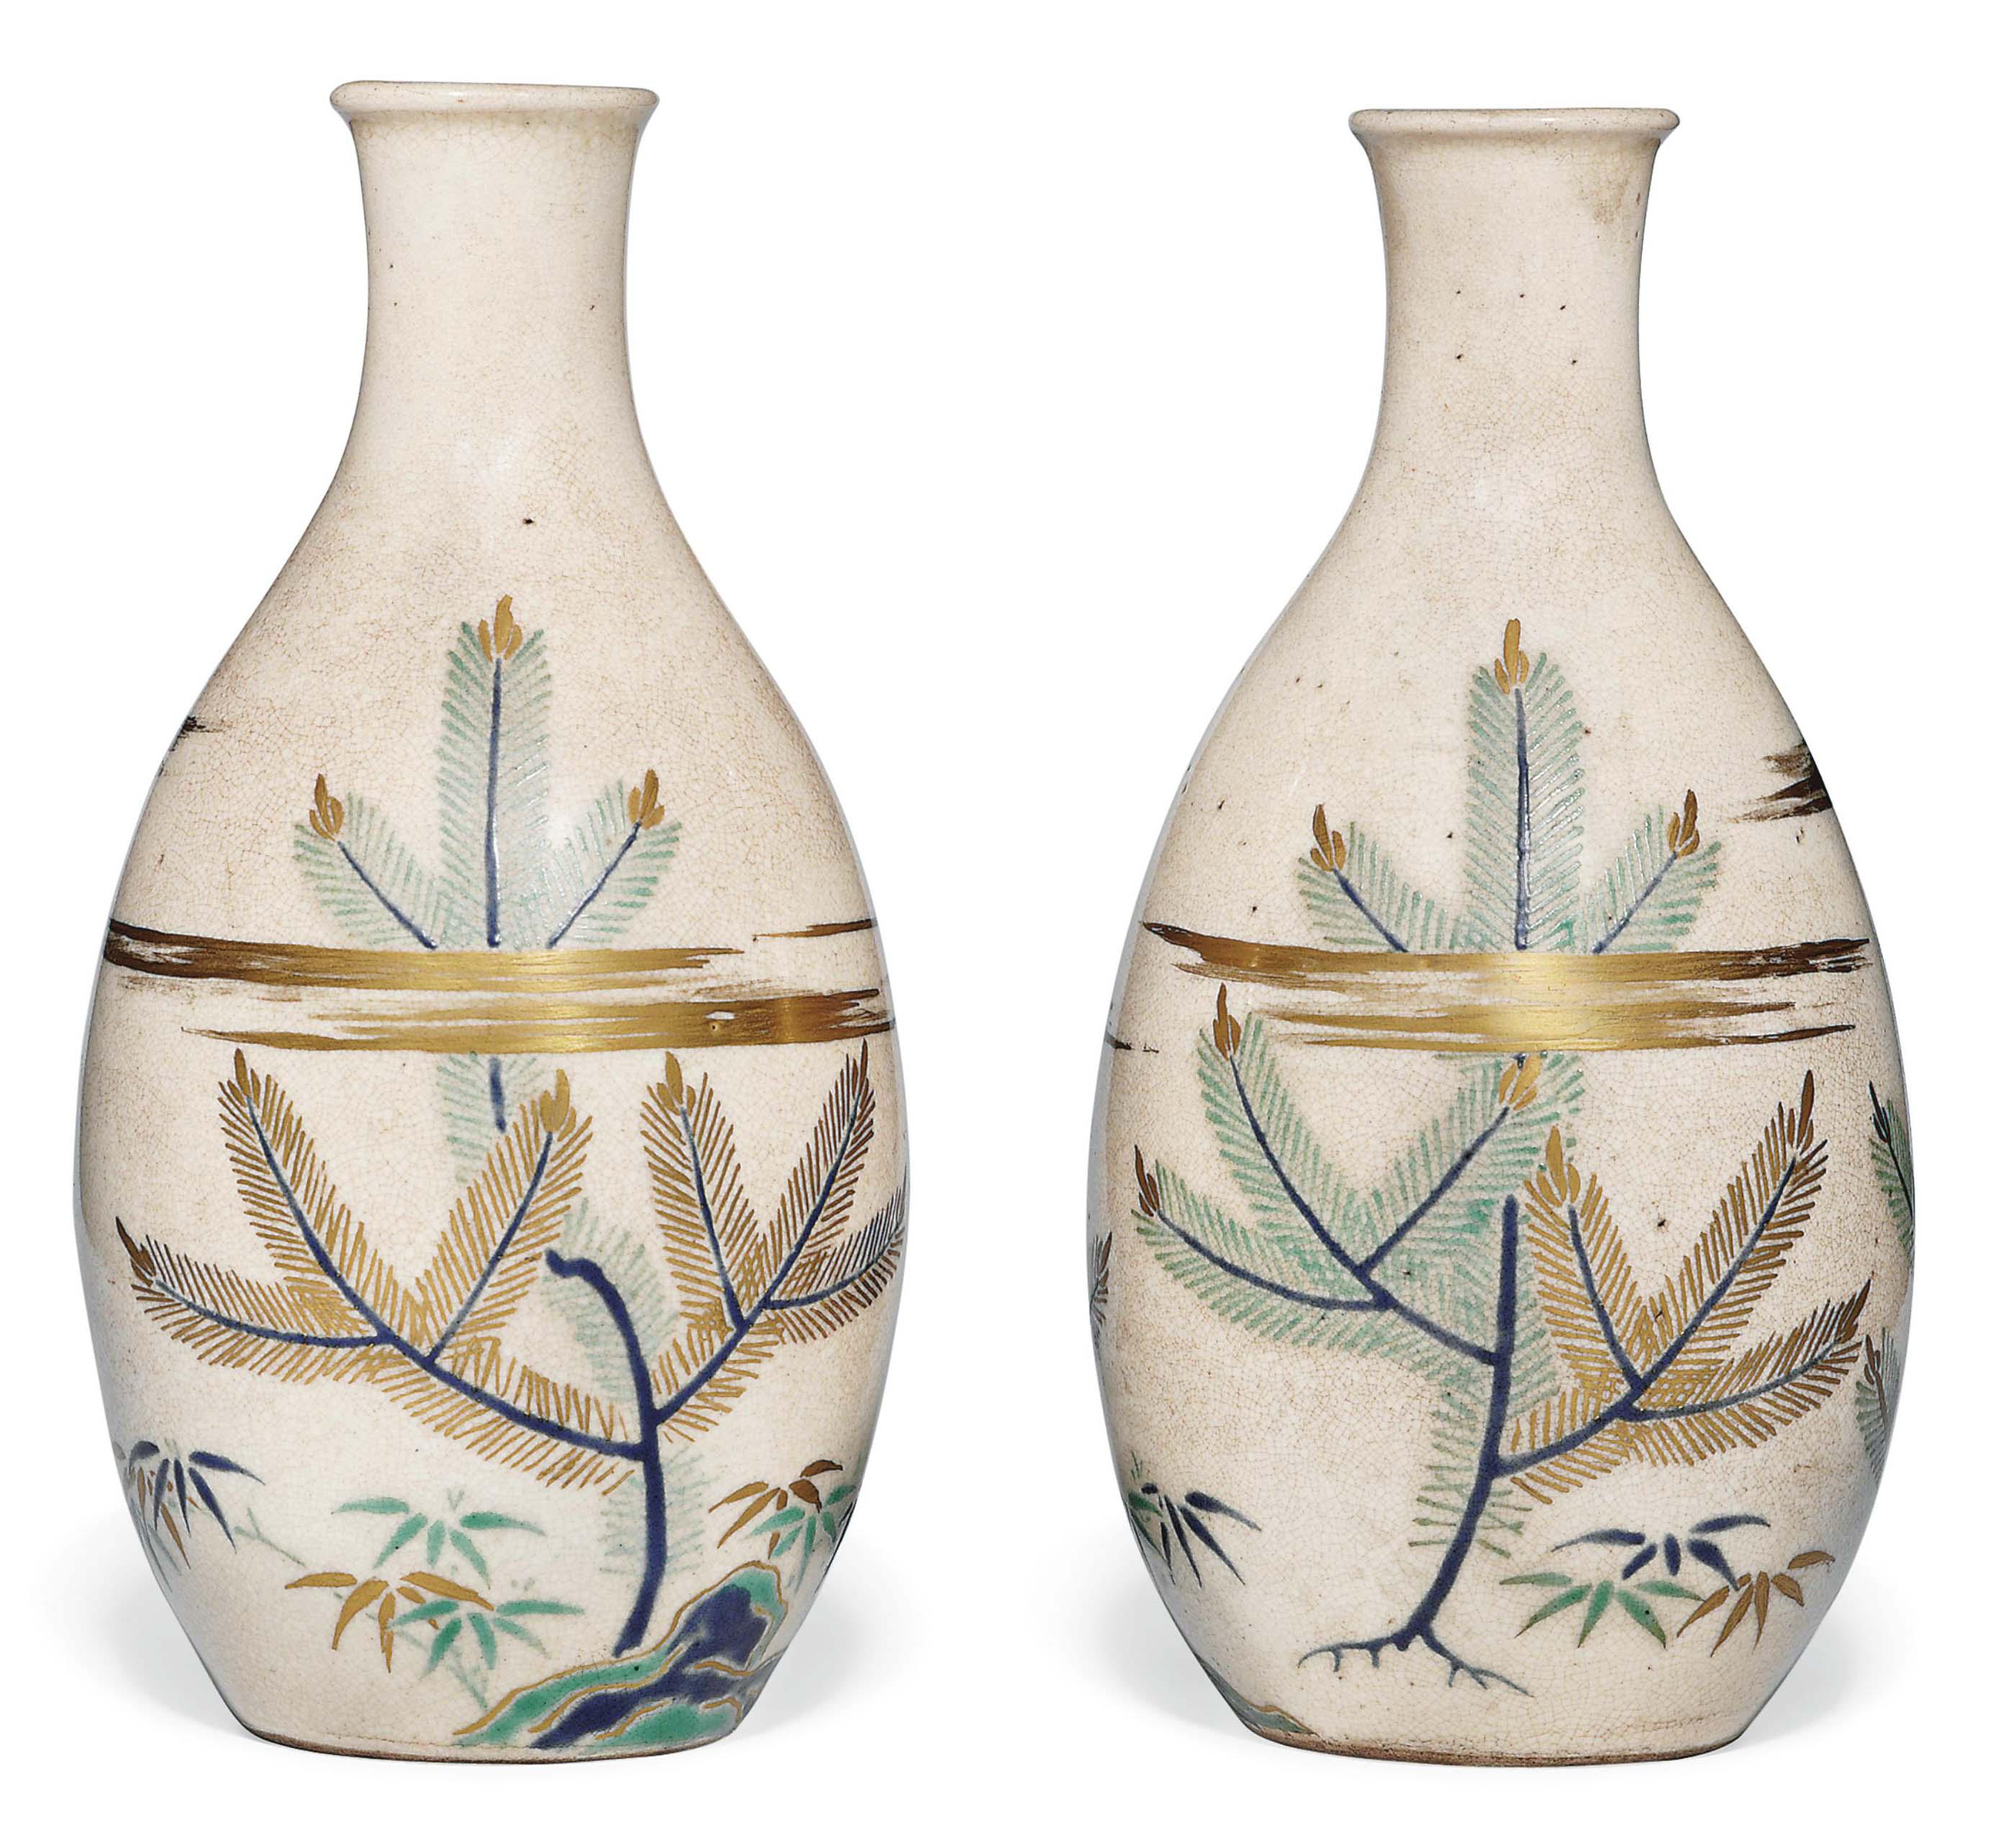 A Pair of Kiyomizu Sake Flasks